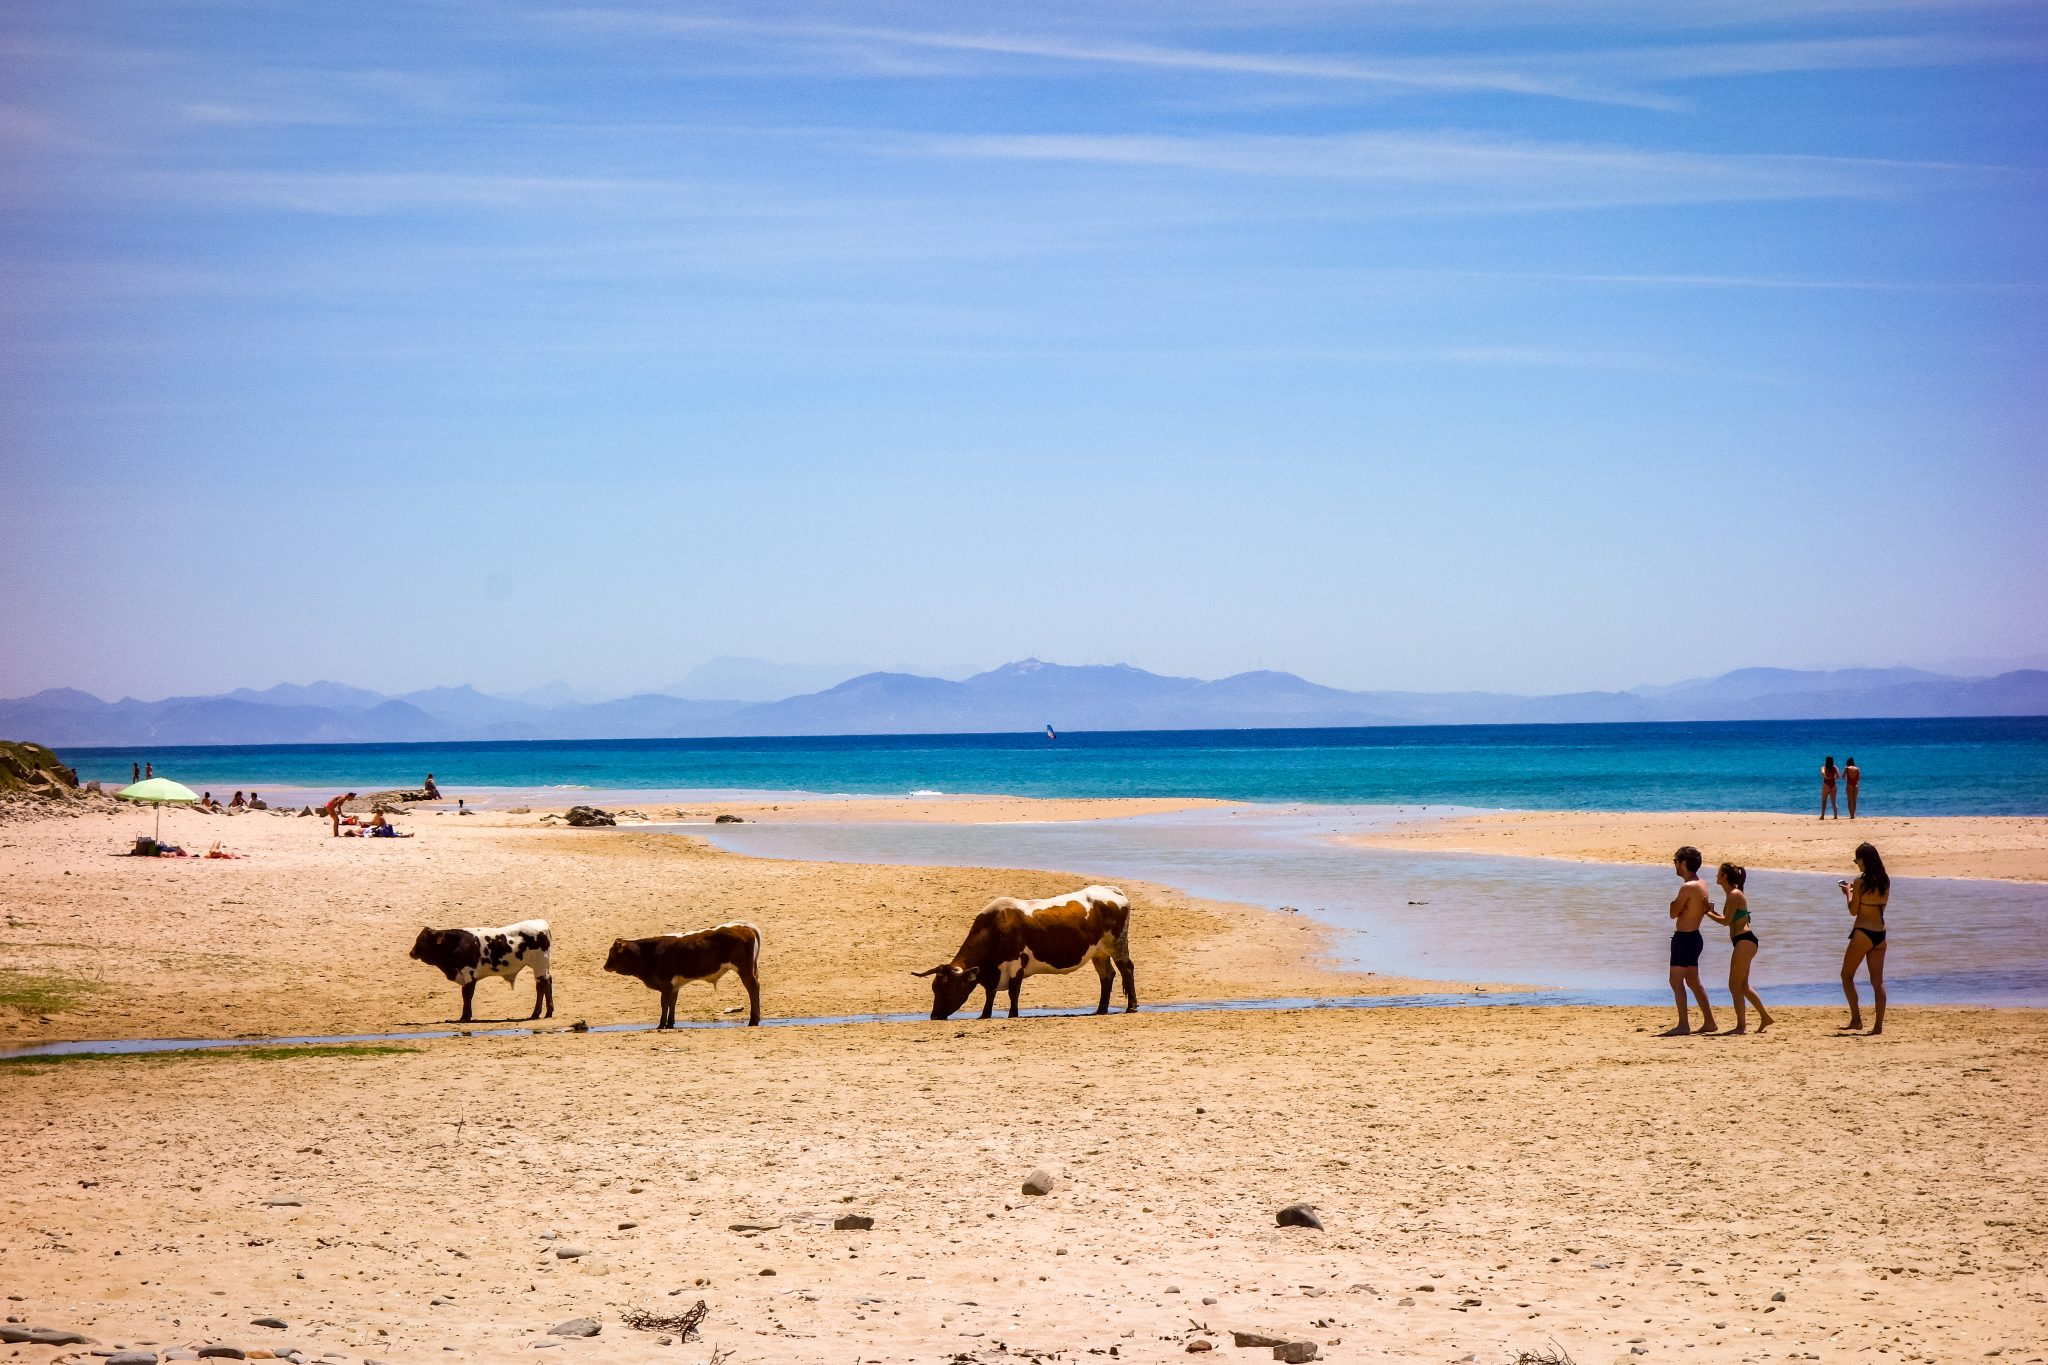 Am Strand von Bolonia kann man (wenn man Glück hat) Kühe sehen! Die laufen dort einfach frei herum. Übrigens: Die Berge im Hintergrund sind keine gewöhnlichen Berge, sondern auf dem Kontinent Afrika!